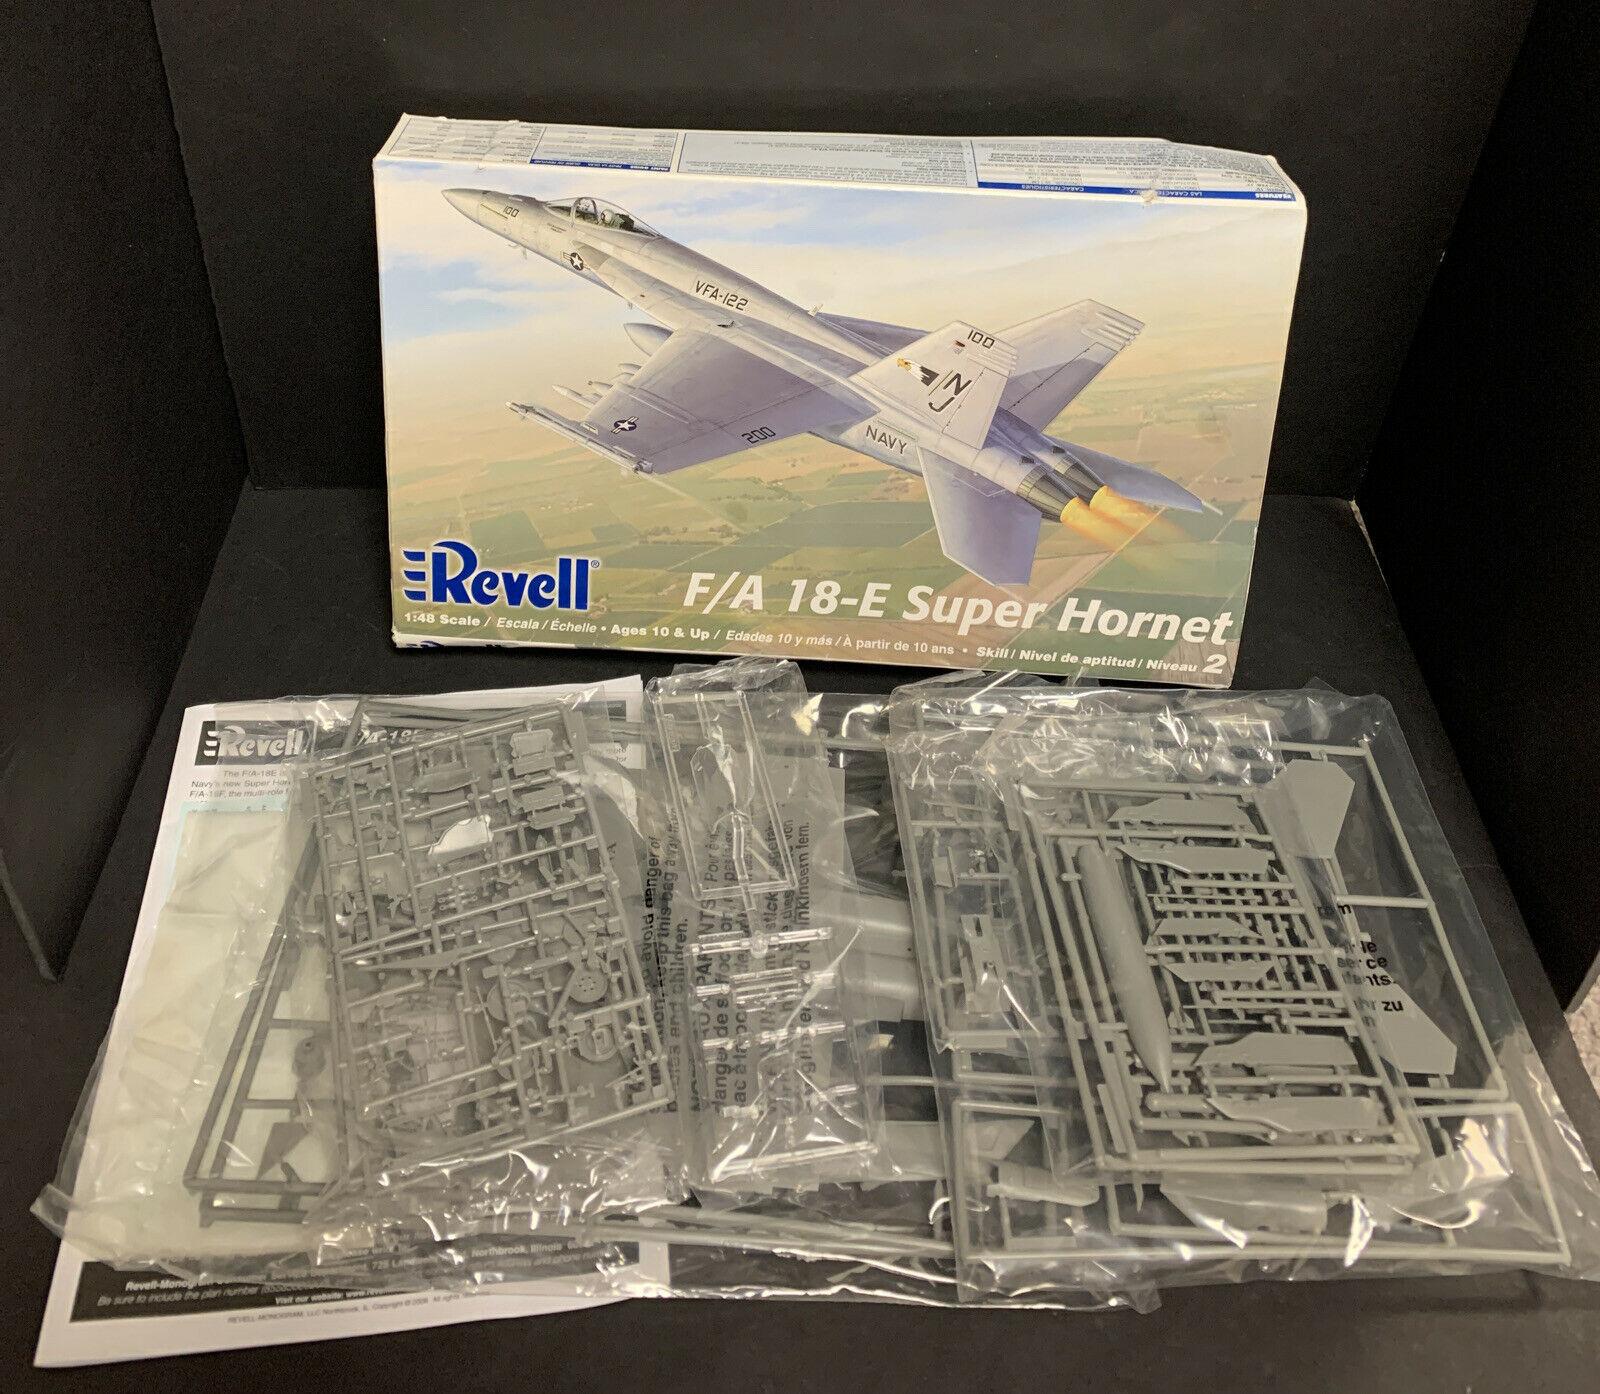 Revell 1/48th Echelle F/A 18E Super Hornet Modèle Plastique Kit 47-5850 Scellé - $22.89